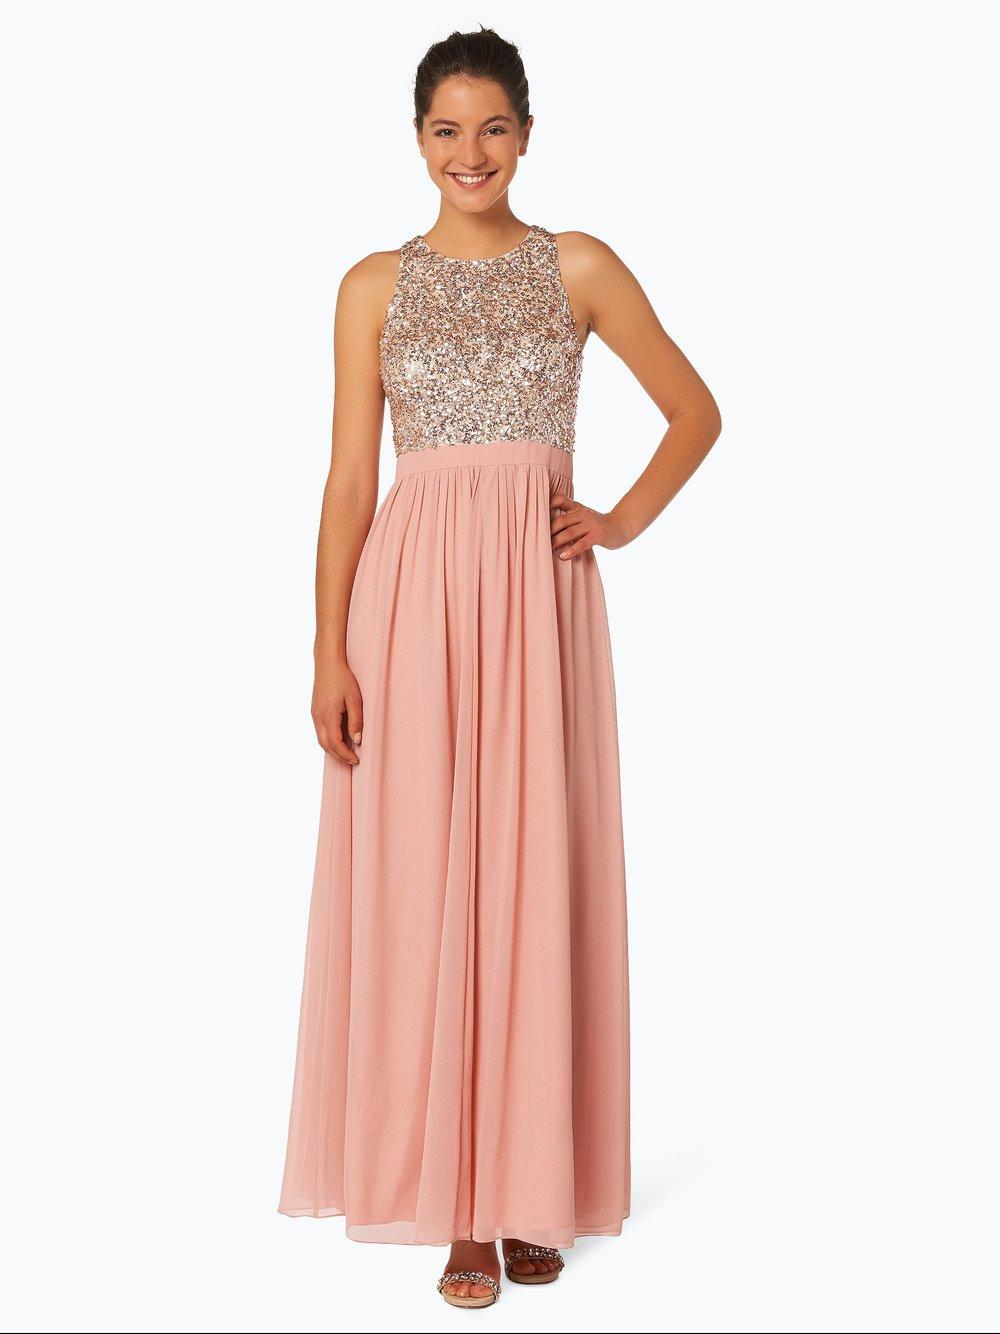 Formal Spektakulär Damen Abendkleid Design15 Einfach Damen Abendkleid Stylish